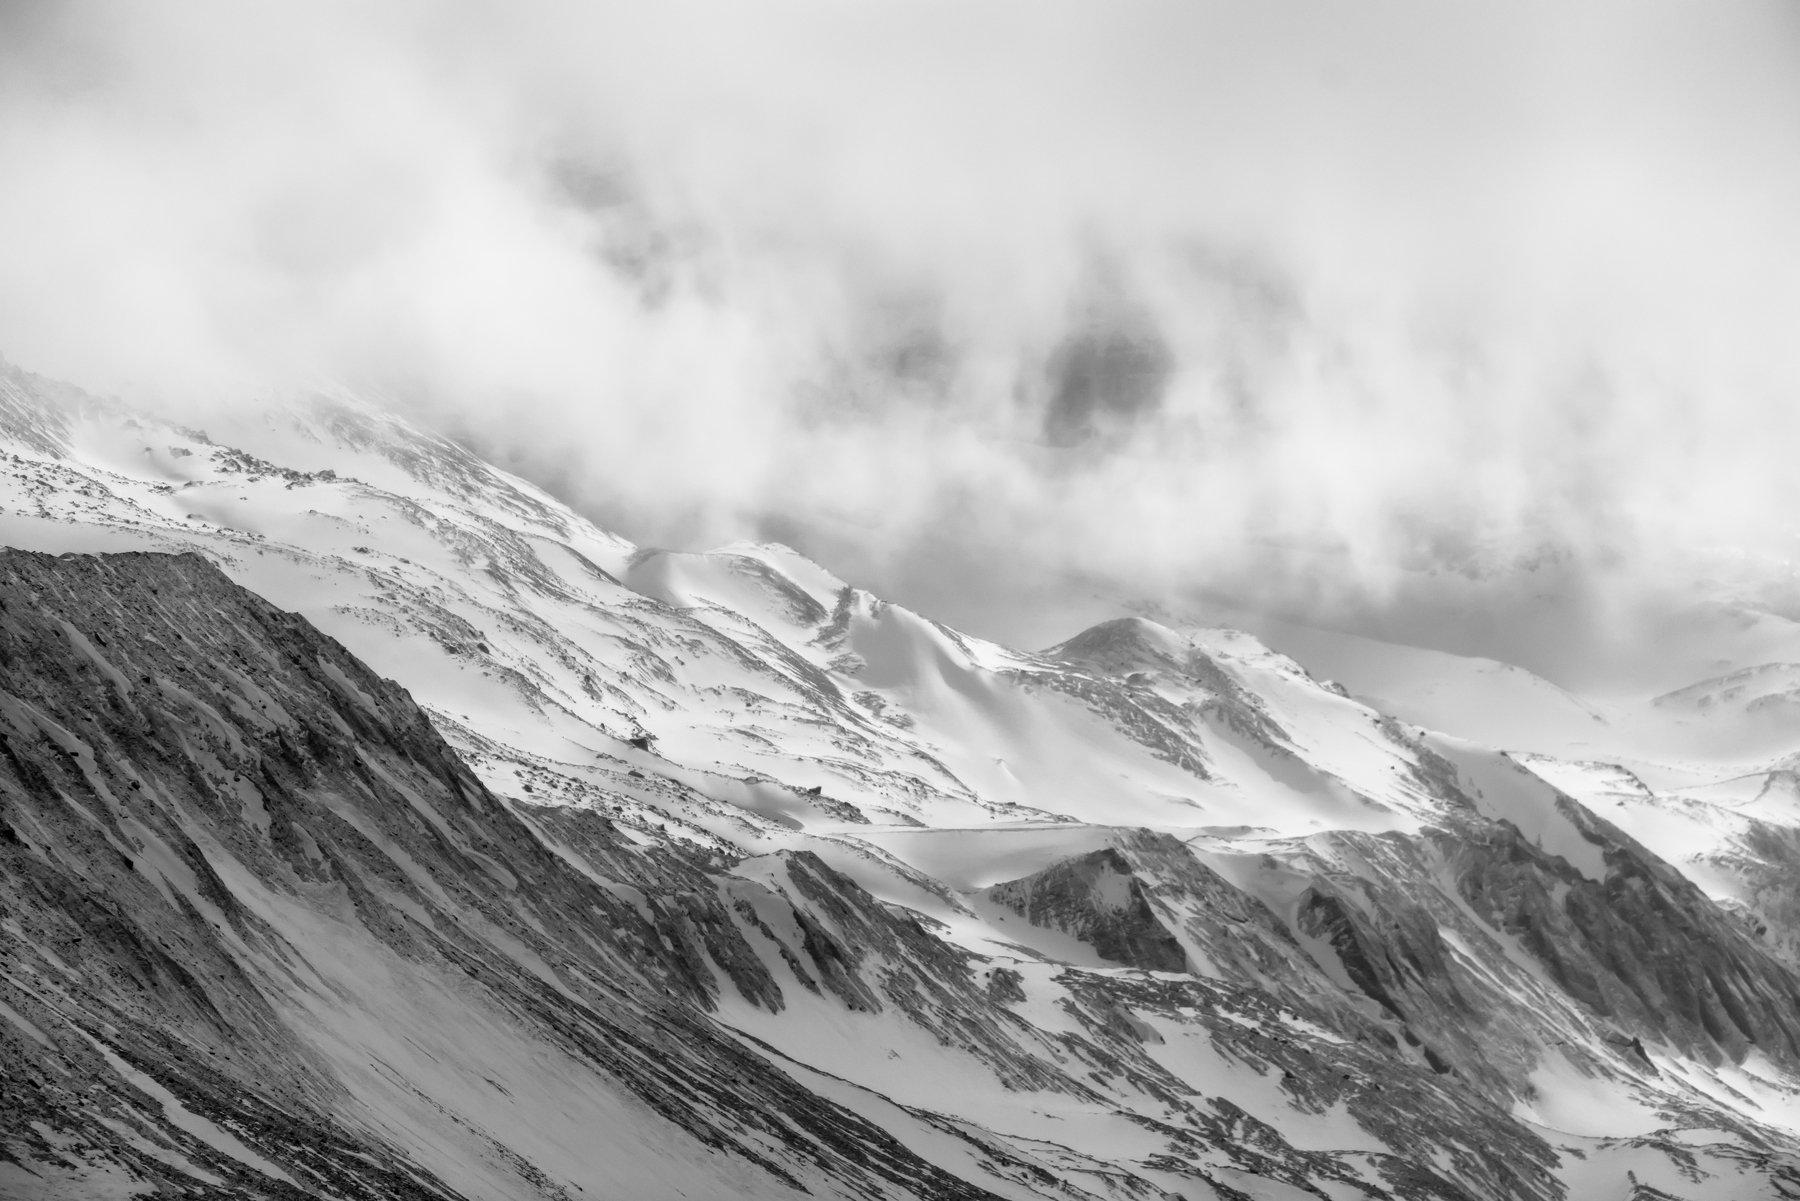 канада, альберта,джаспер, банф, ледник, атабаска, коламбия, горы, зима, лед, снег, холод, Денис Семенов